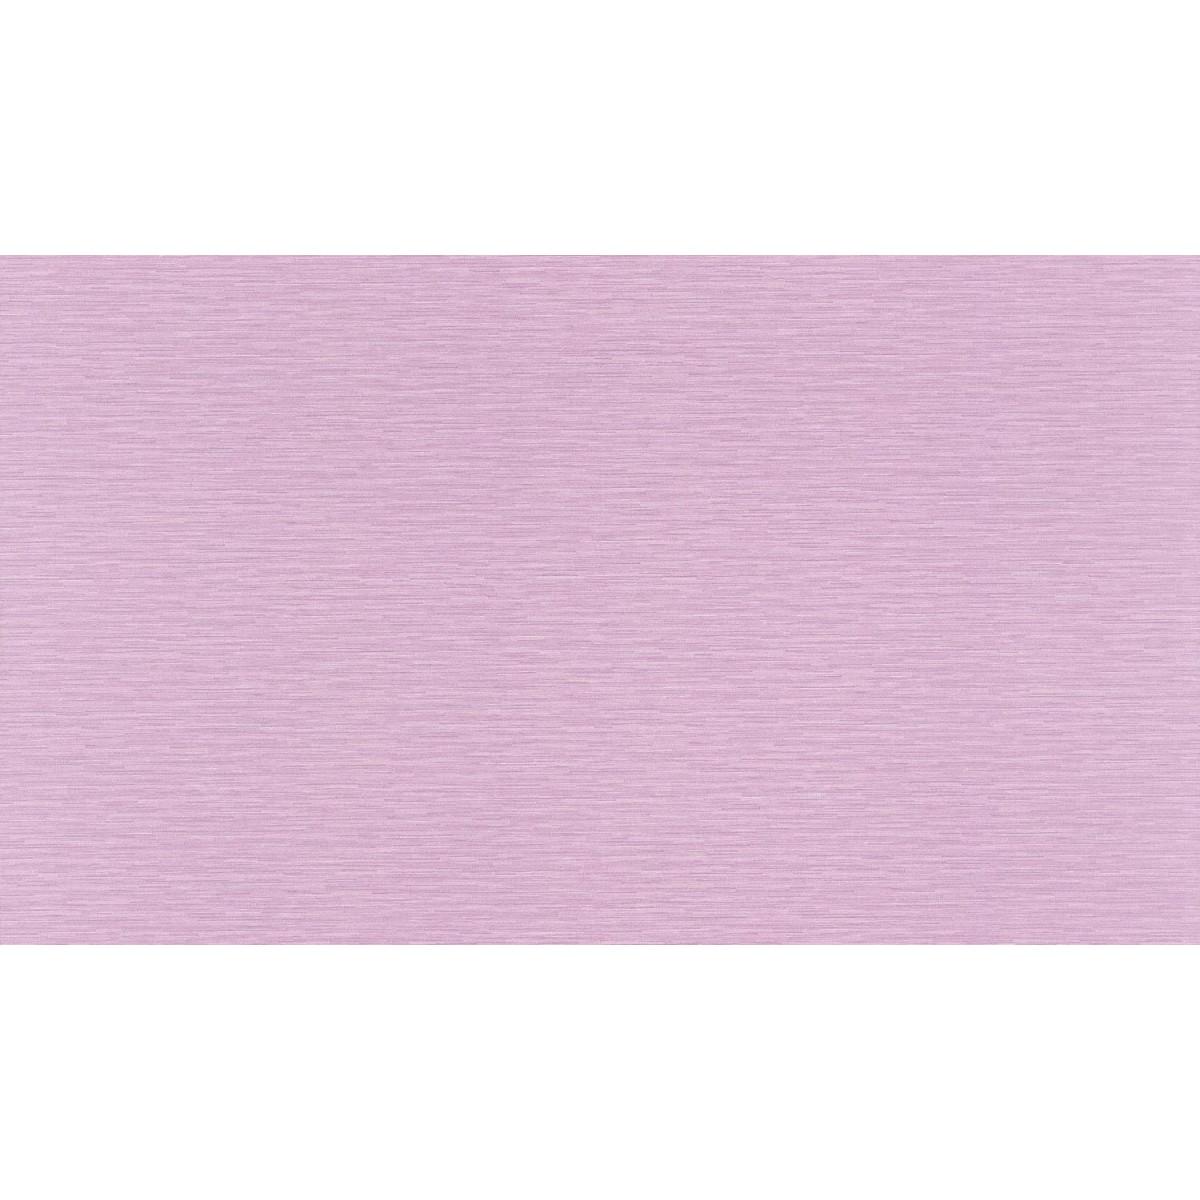 Обои флизелиновые Elysium Аппликация фиолетовые 1.06 м Е41507